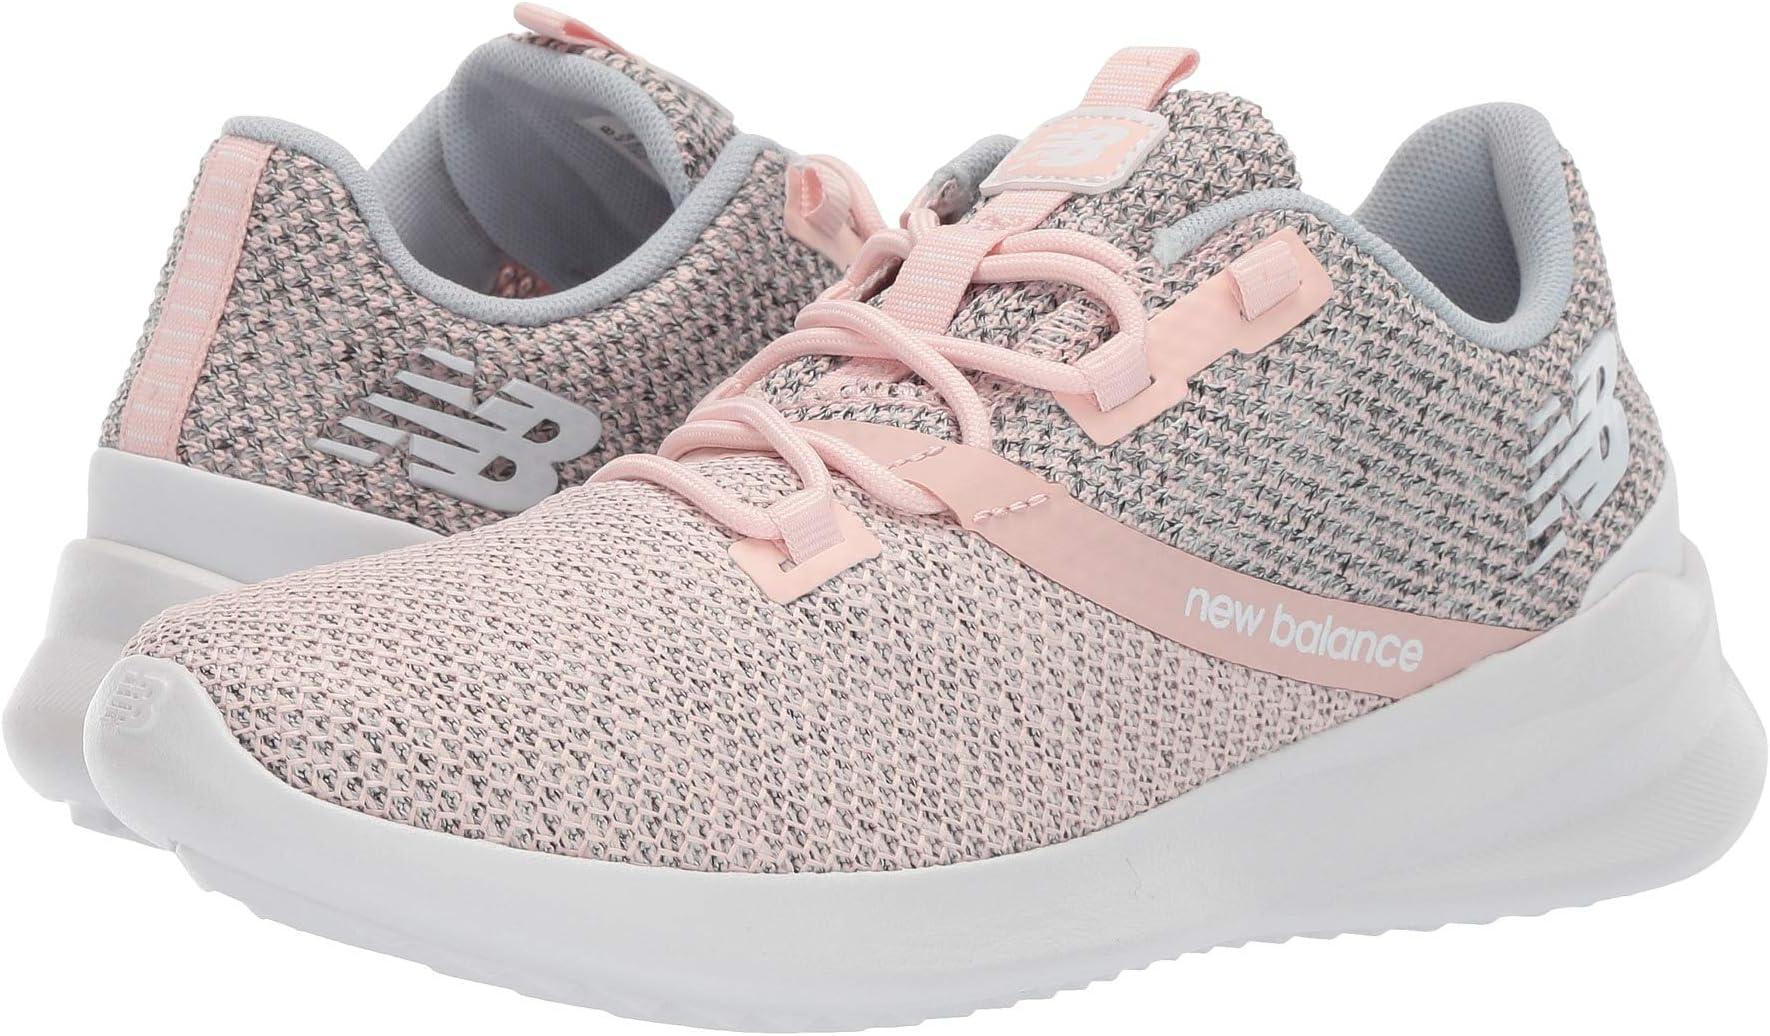 801e208c1c913b Women s Shoes  Boots